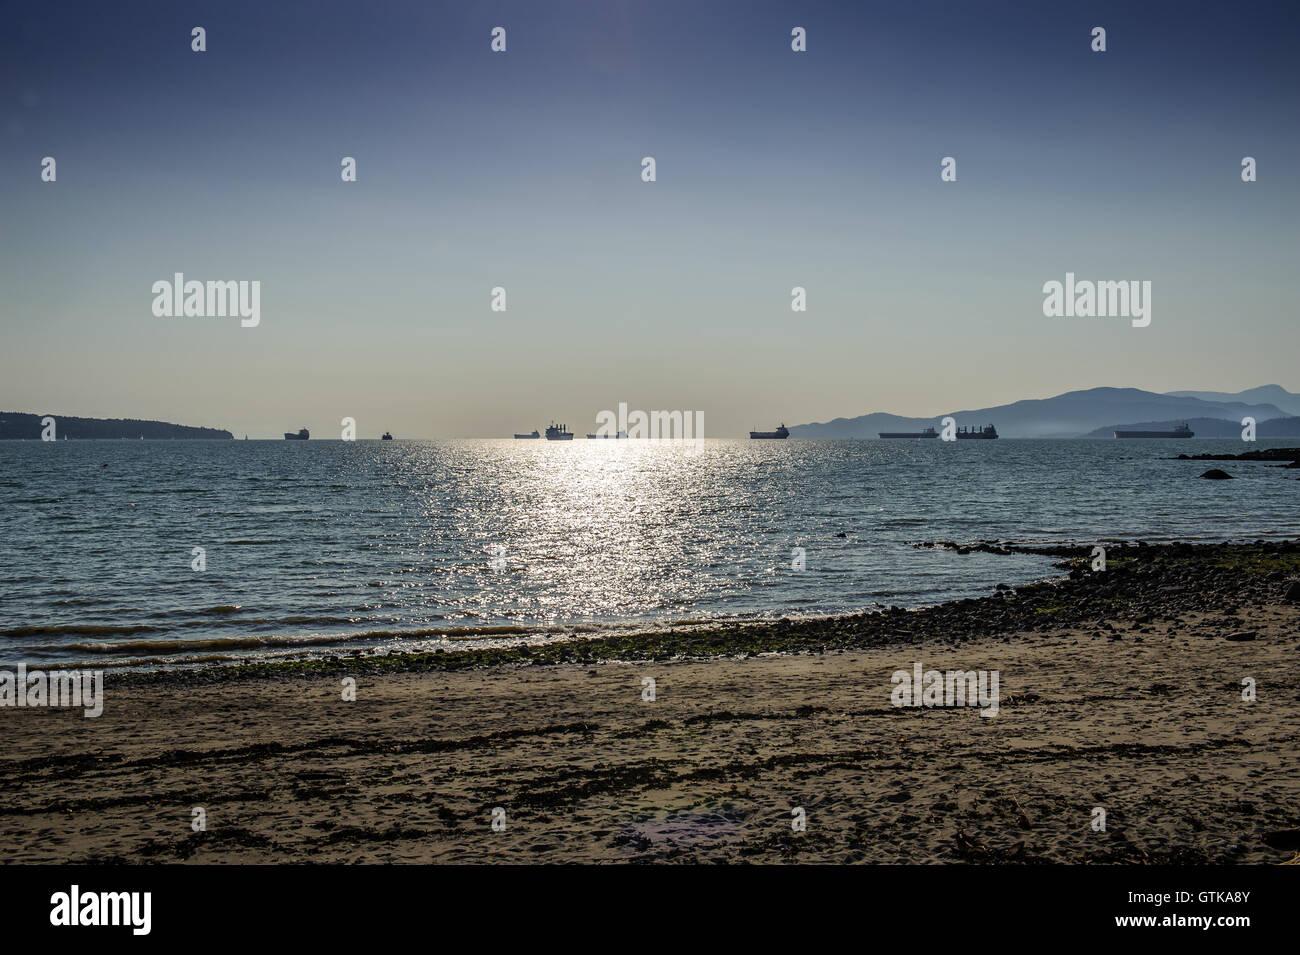 Les pétroliers se déplaçant à Port de Vancouver au crépuscule, Colombie-Britannique, Canada Banque D'Images